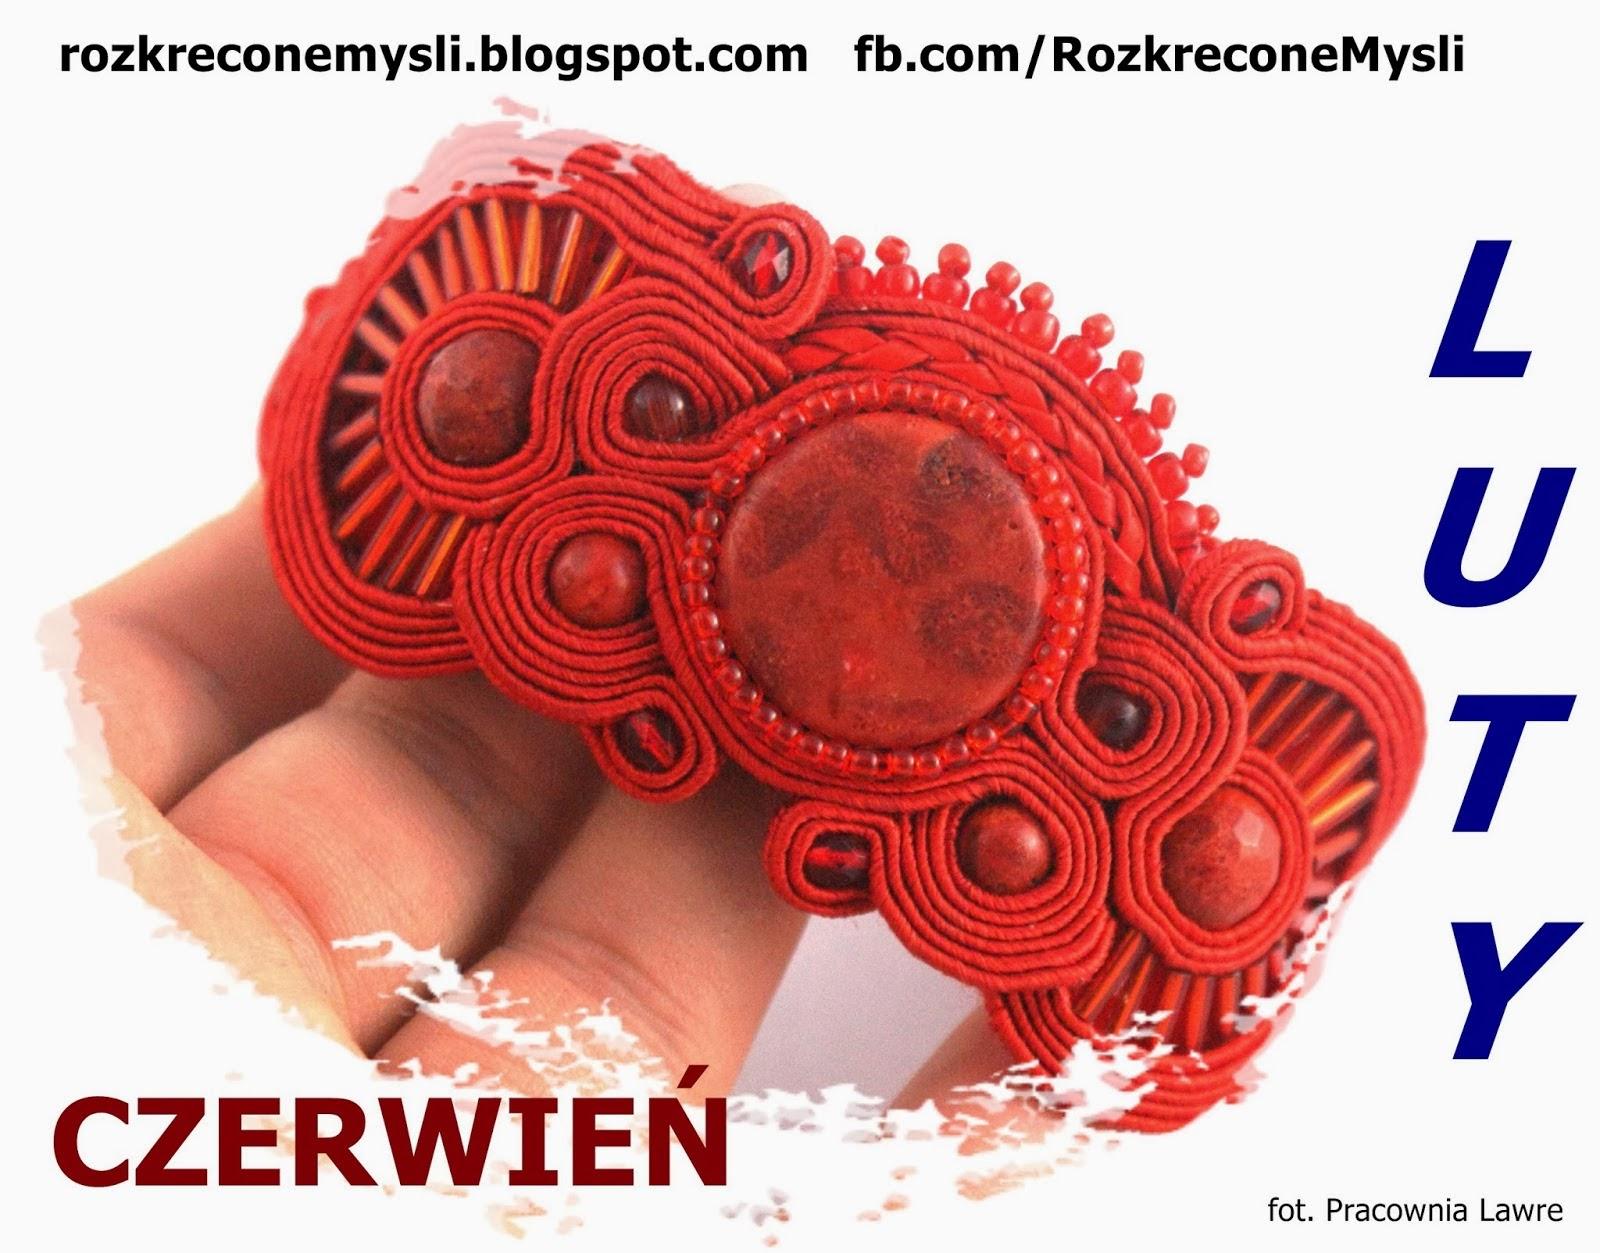 http://rozkreconemysli.blogspot.com/2014/02/luty-czerwien.html